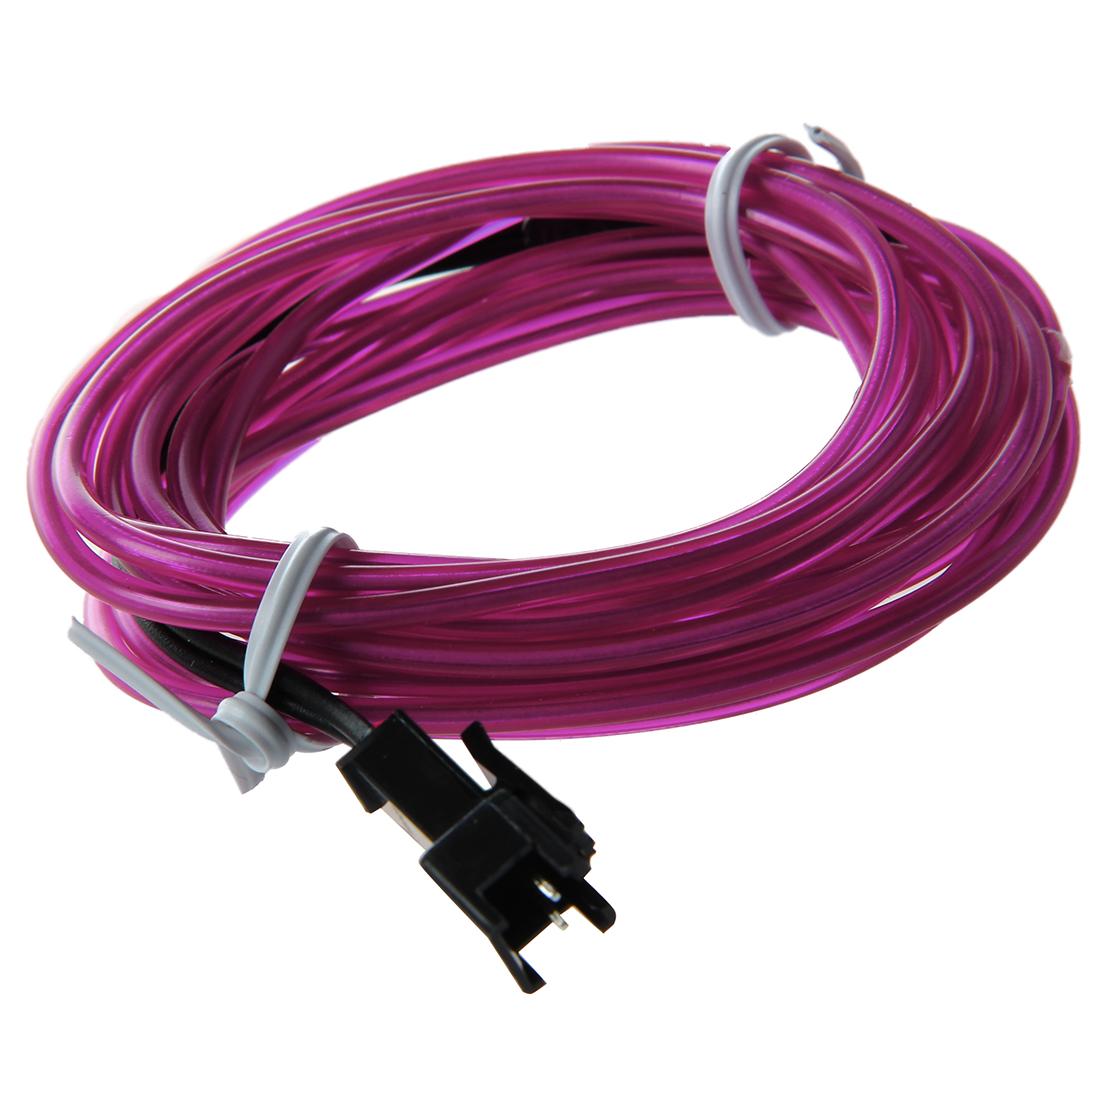 led flexible el wire neon glow tube lamp light dc 12v inverter for car n3l3 ebay. Black Bedroom Furniture Sets. Home Design Ideas